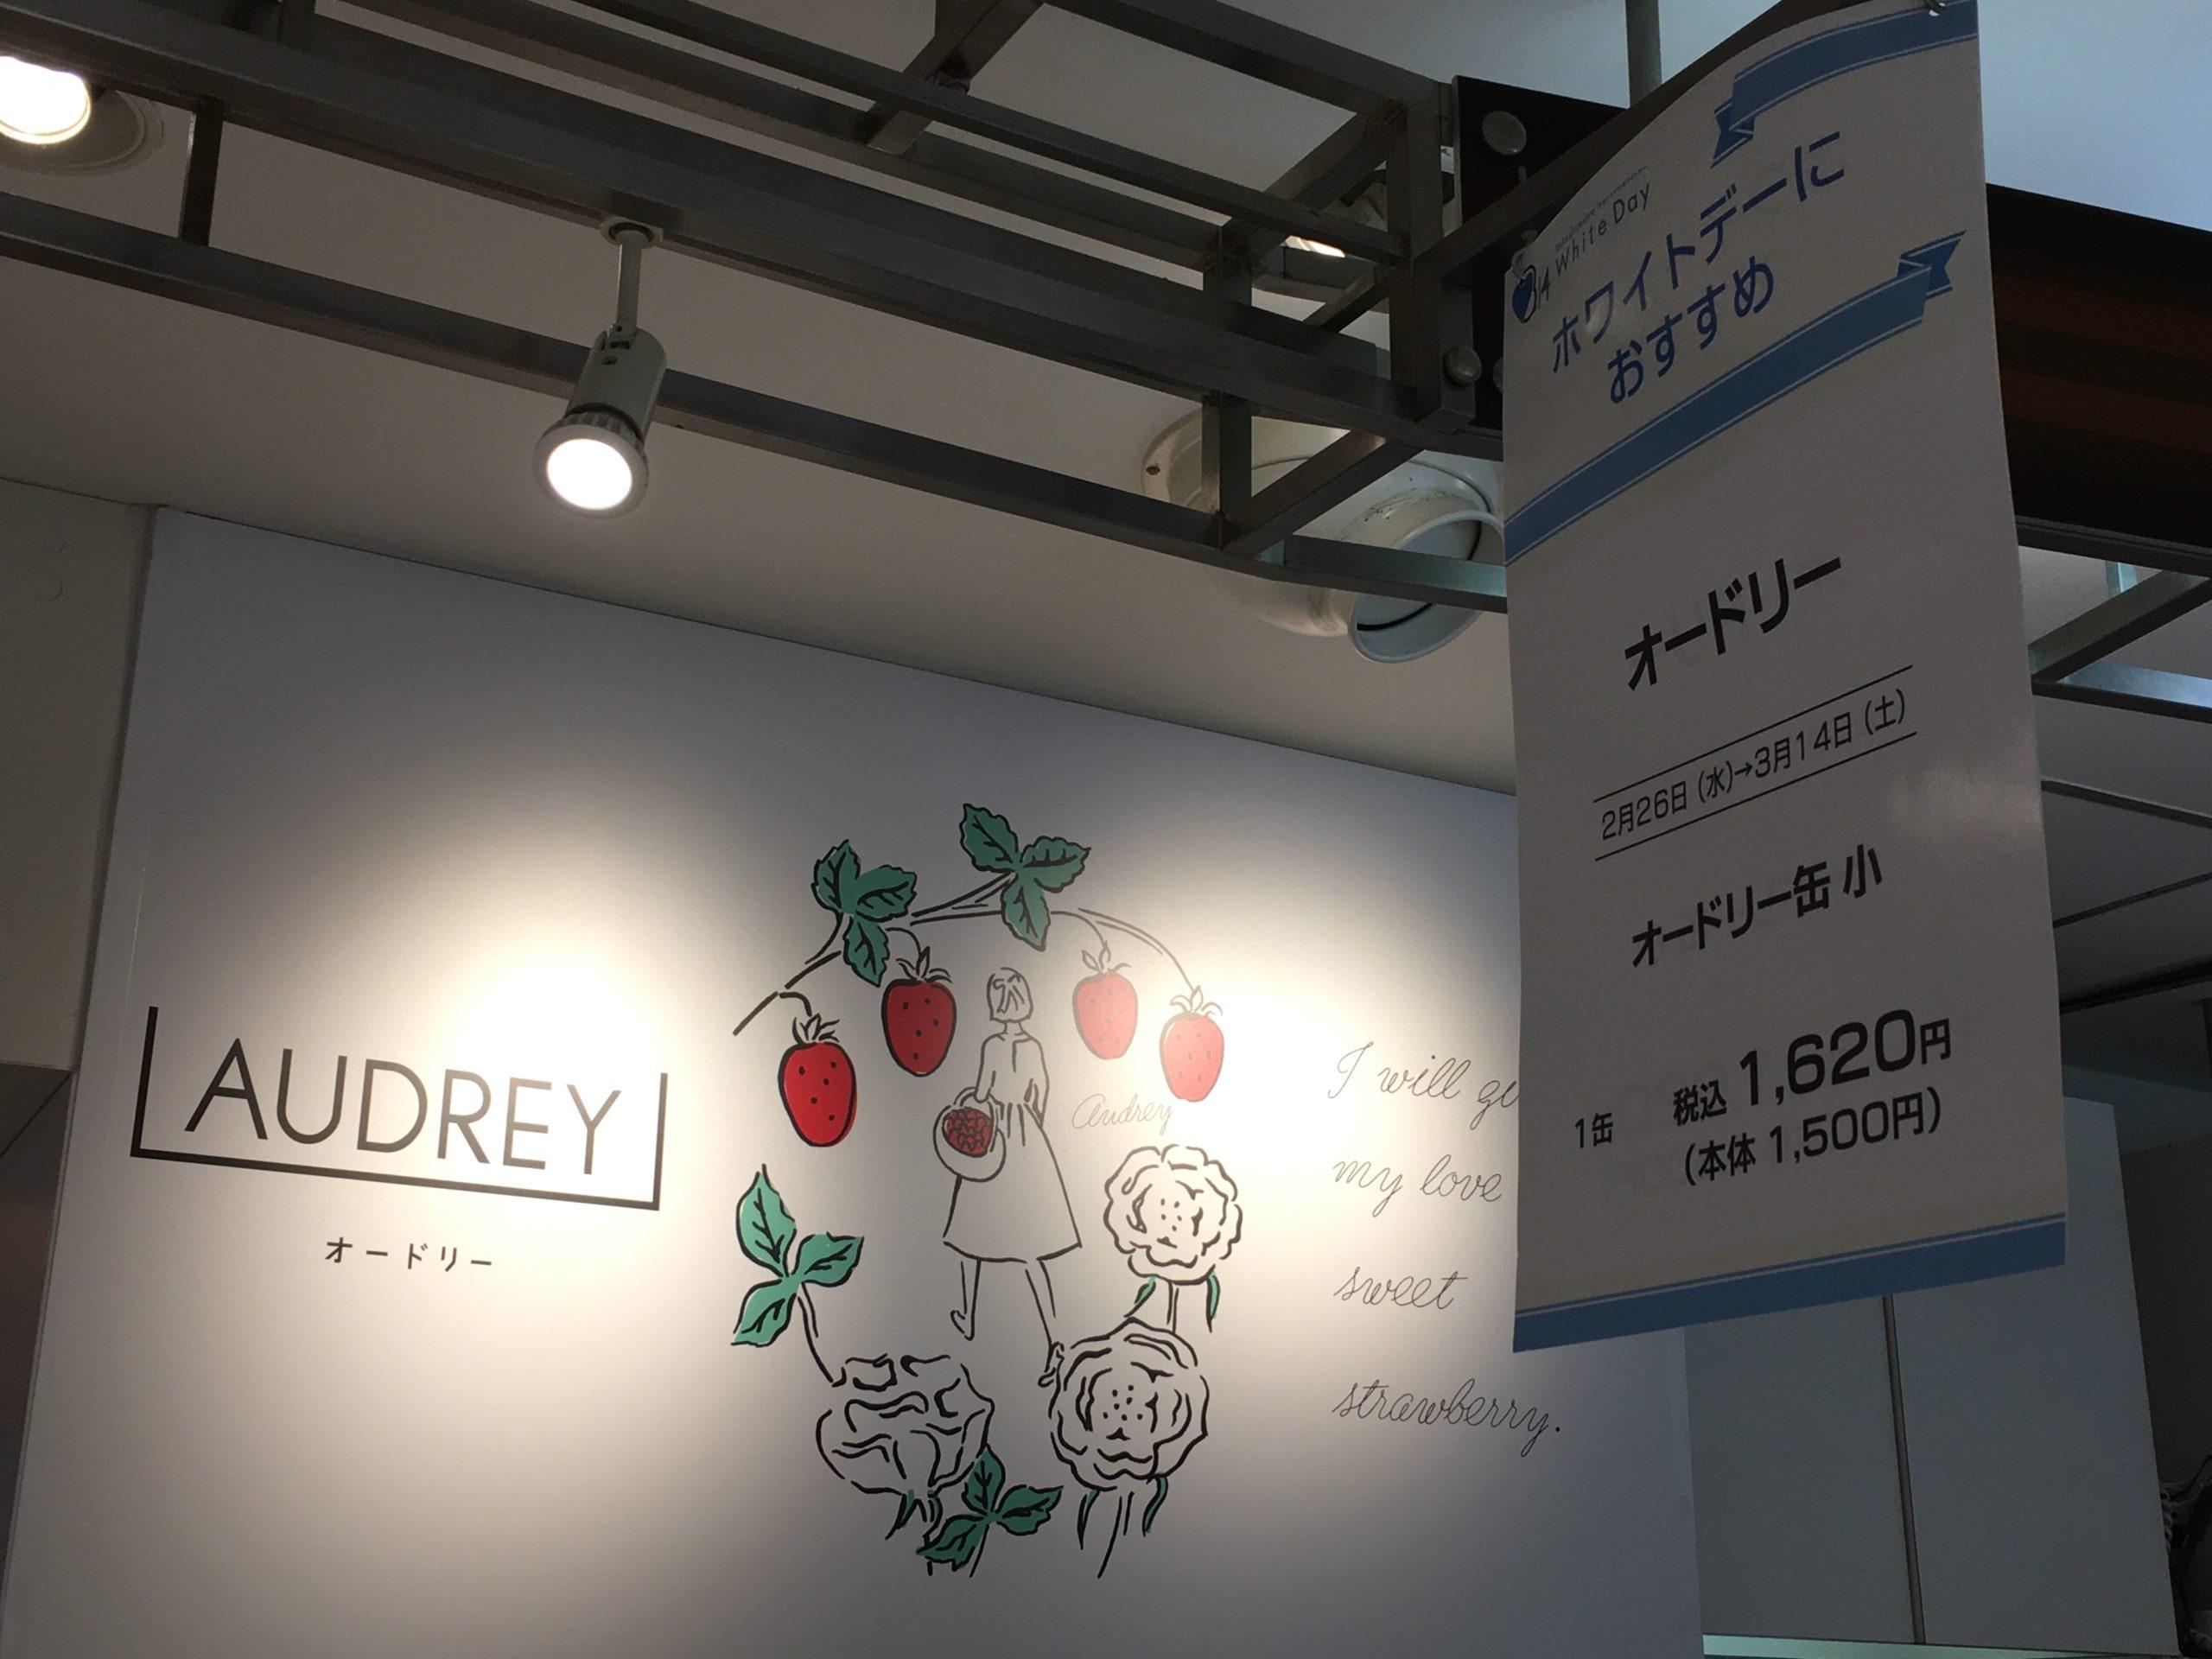 audrey-nagoya-whiteday